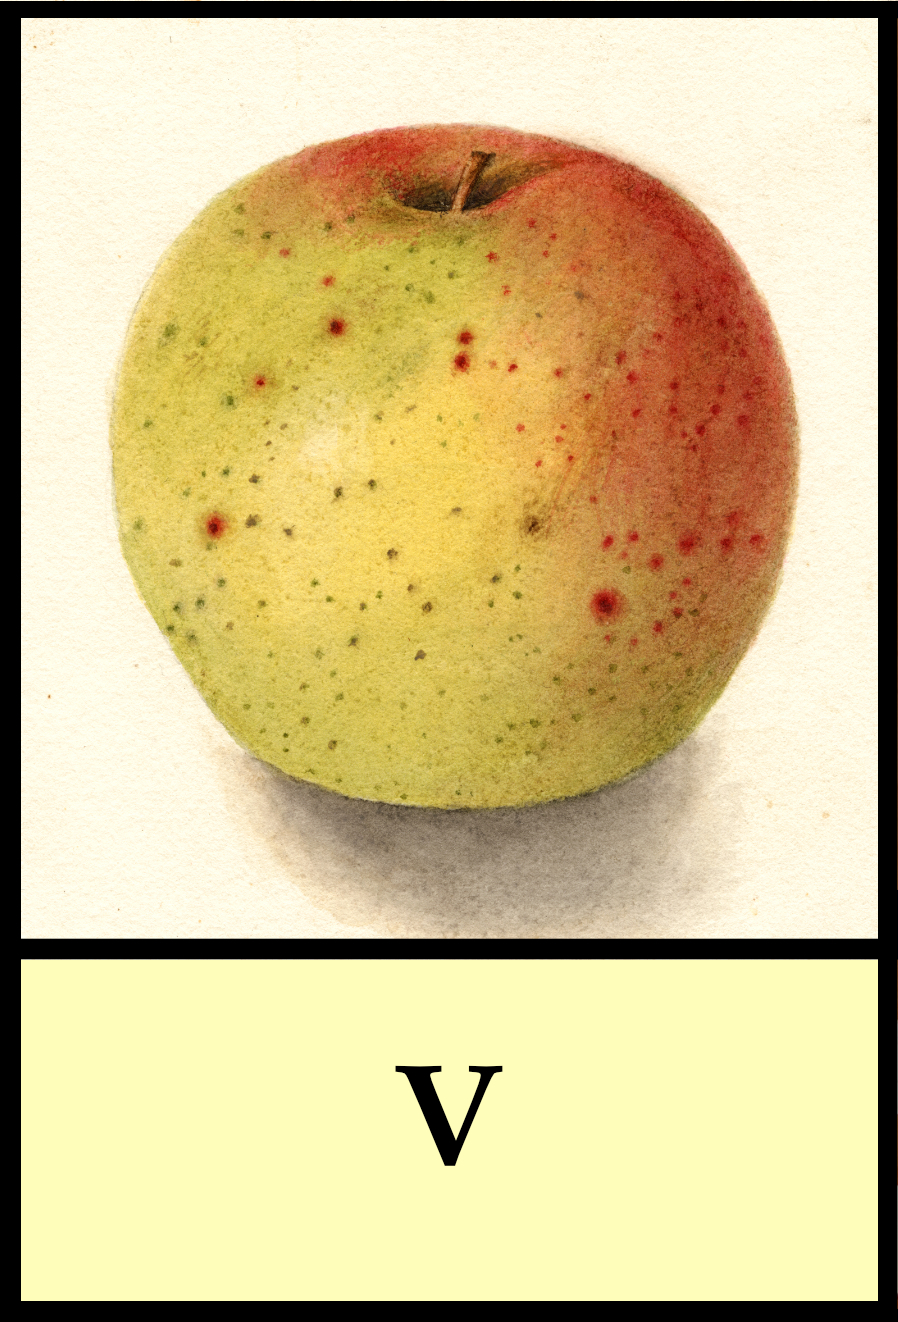 V apples